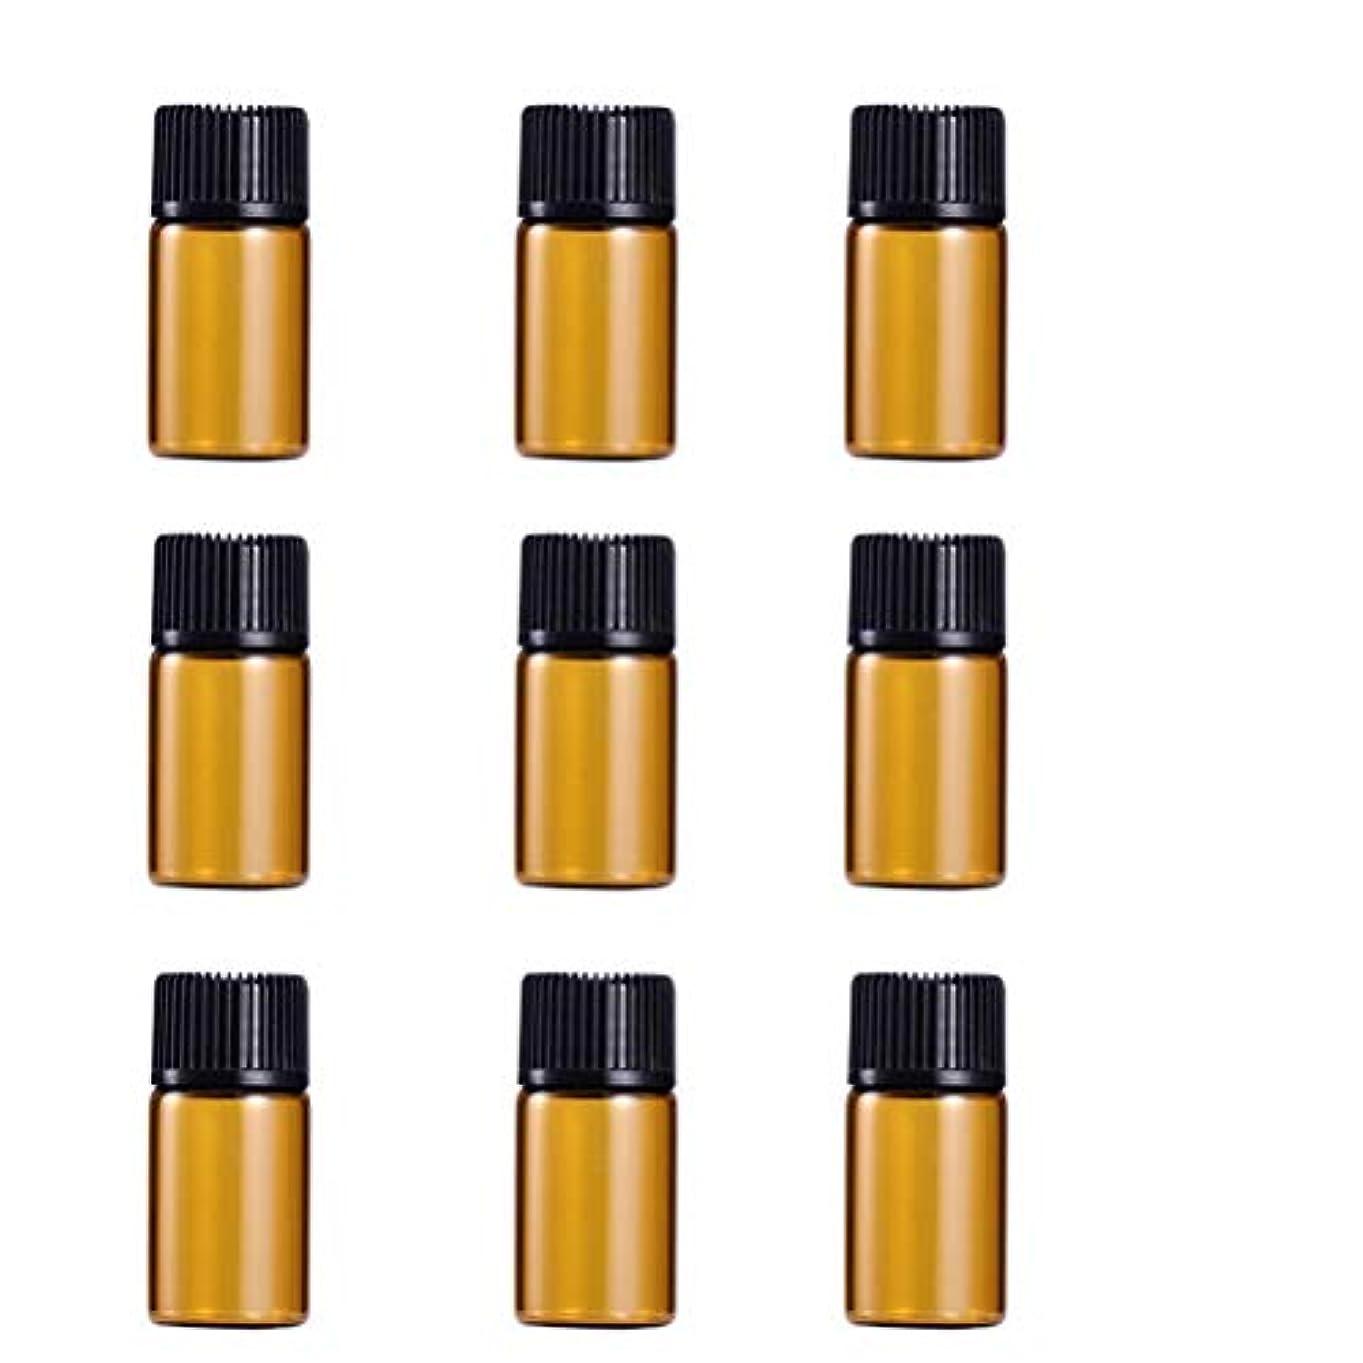 毎回汚い半島WINOMO 遮光瓶 アロマオイル 精油 小分け用 遮光瓶セット アロマボトル 保存容器 エッセンシャルオイル 香水 保存用 詰替え ガラス 茶色(9個入り 3ml)